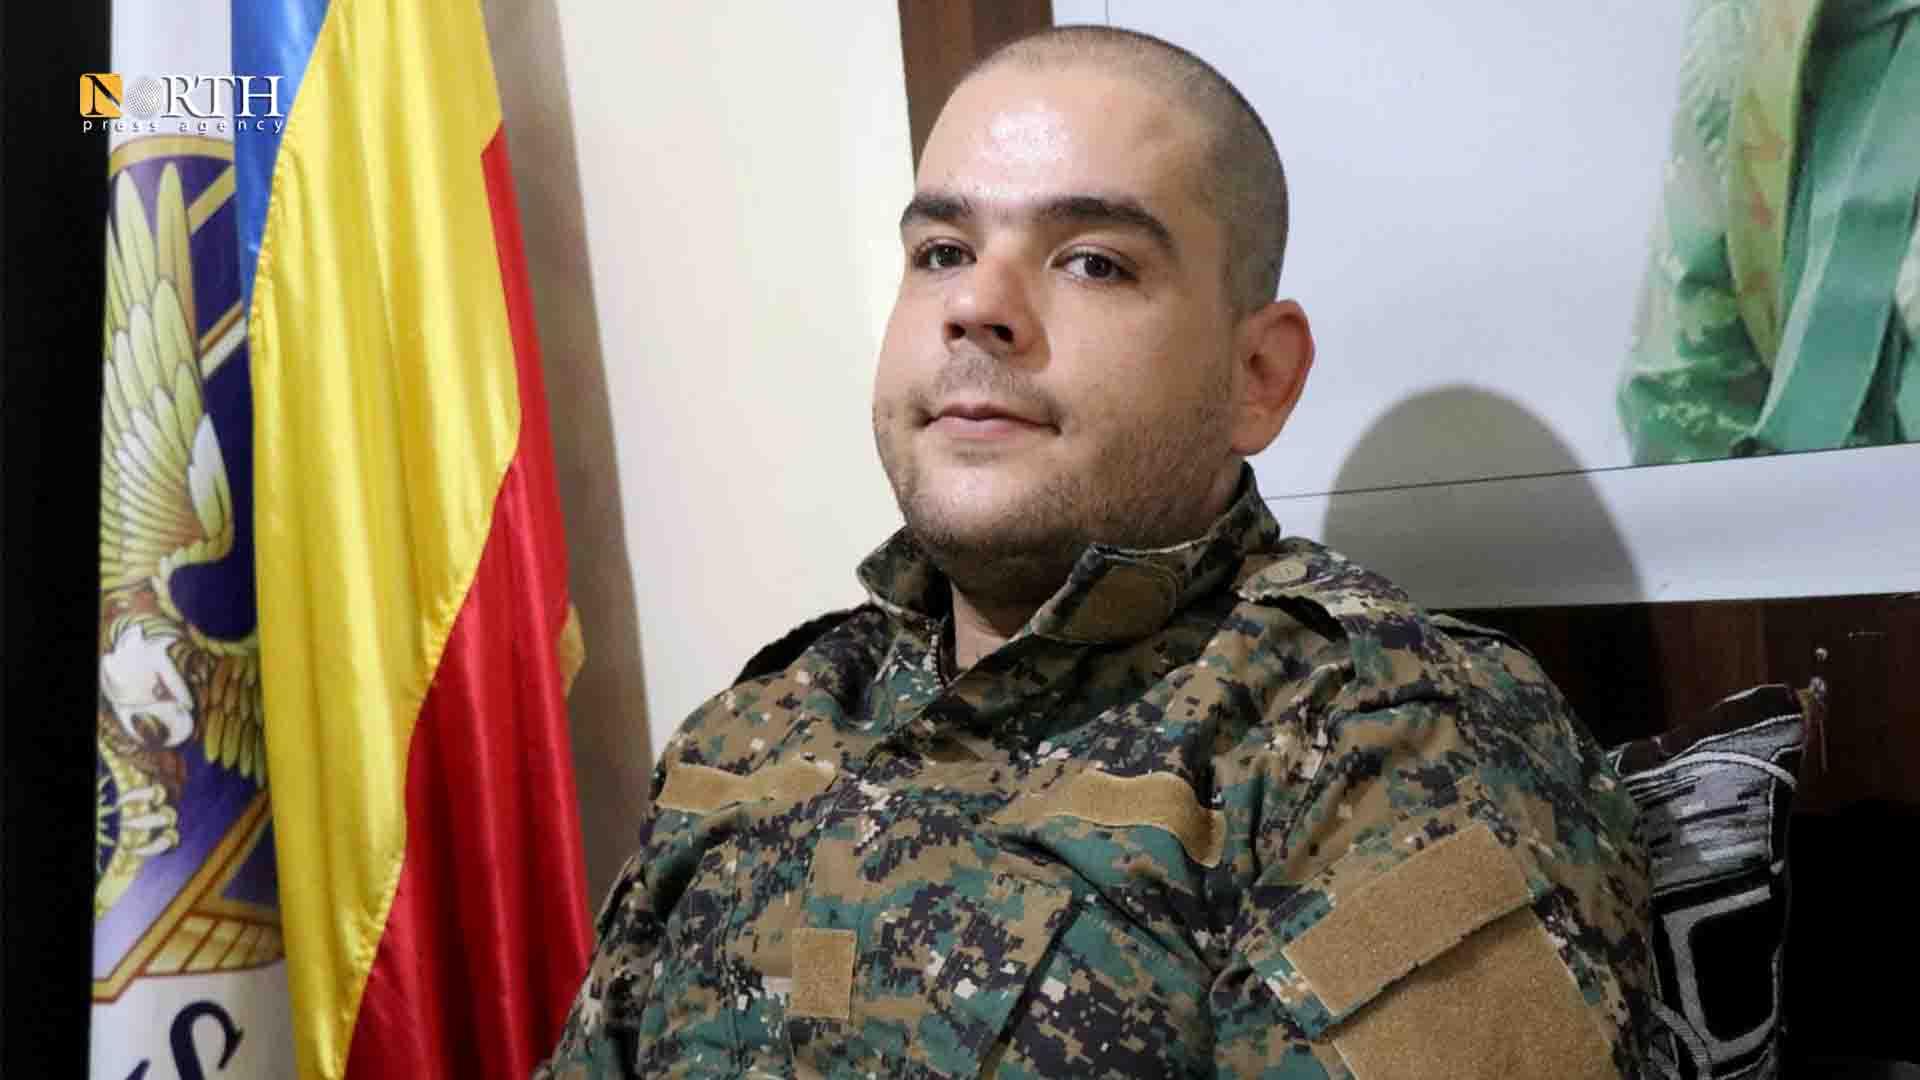 Aram Hana, Syriac Military Council commander